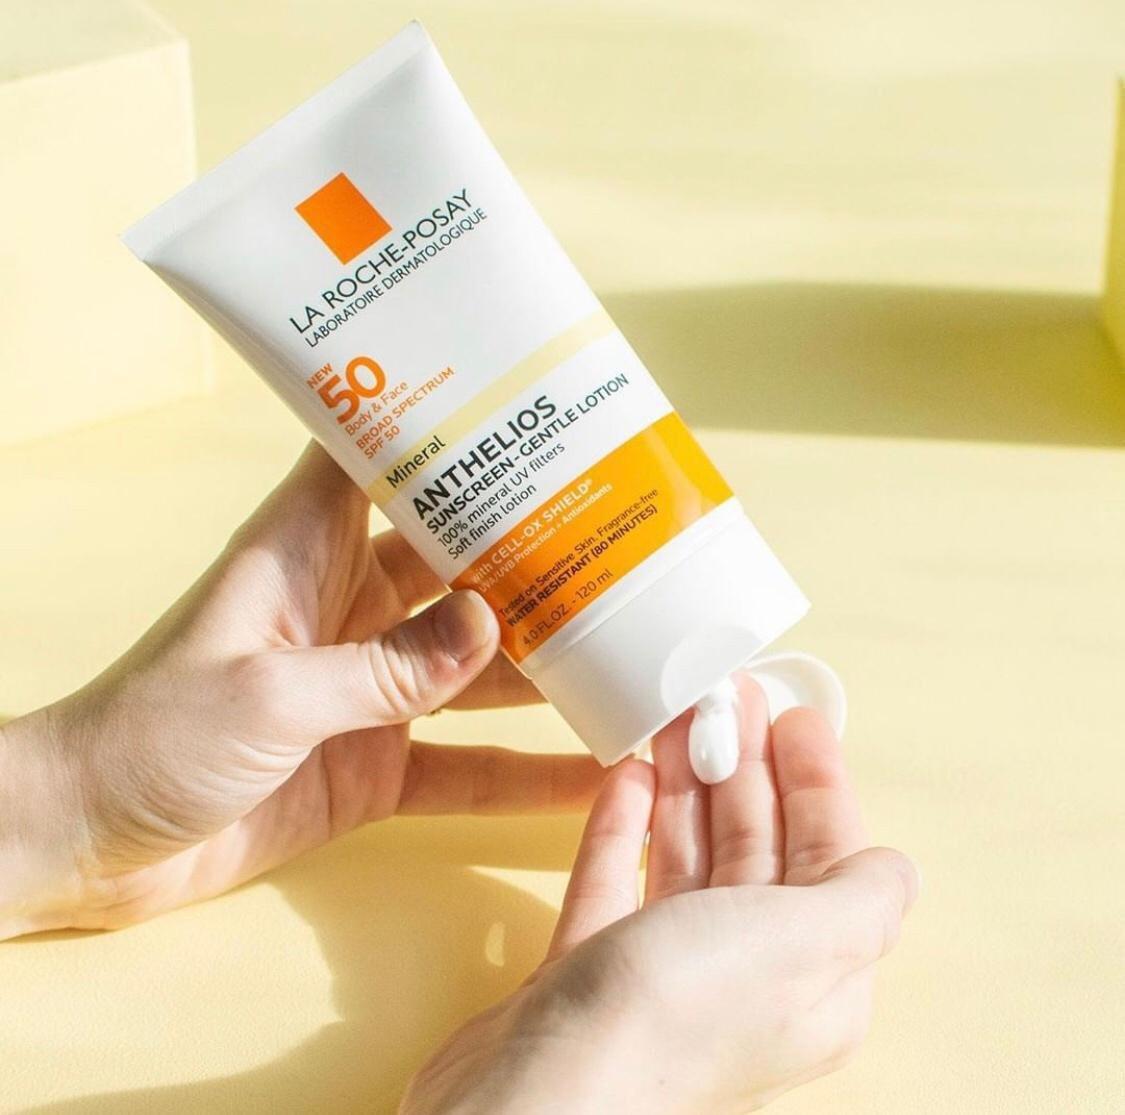 Cho ngày 39 độ, tia UV vượt ngưỡng: bôi KCN là bắt buộc, nhưng nếu da bạn dễ nổi mẩn thì đã có ngay 9 sản phẩm an toàn được bác sĩ bảo kê - Ảnh 4.